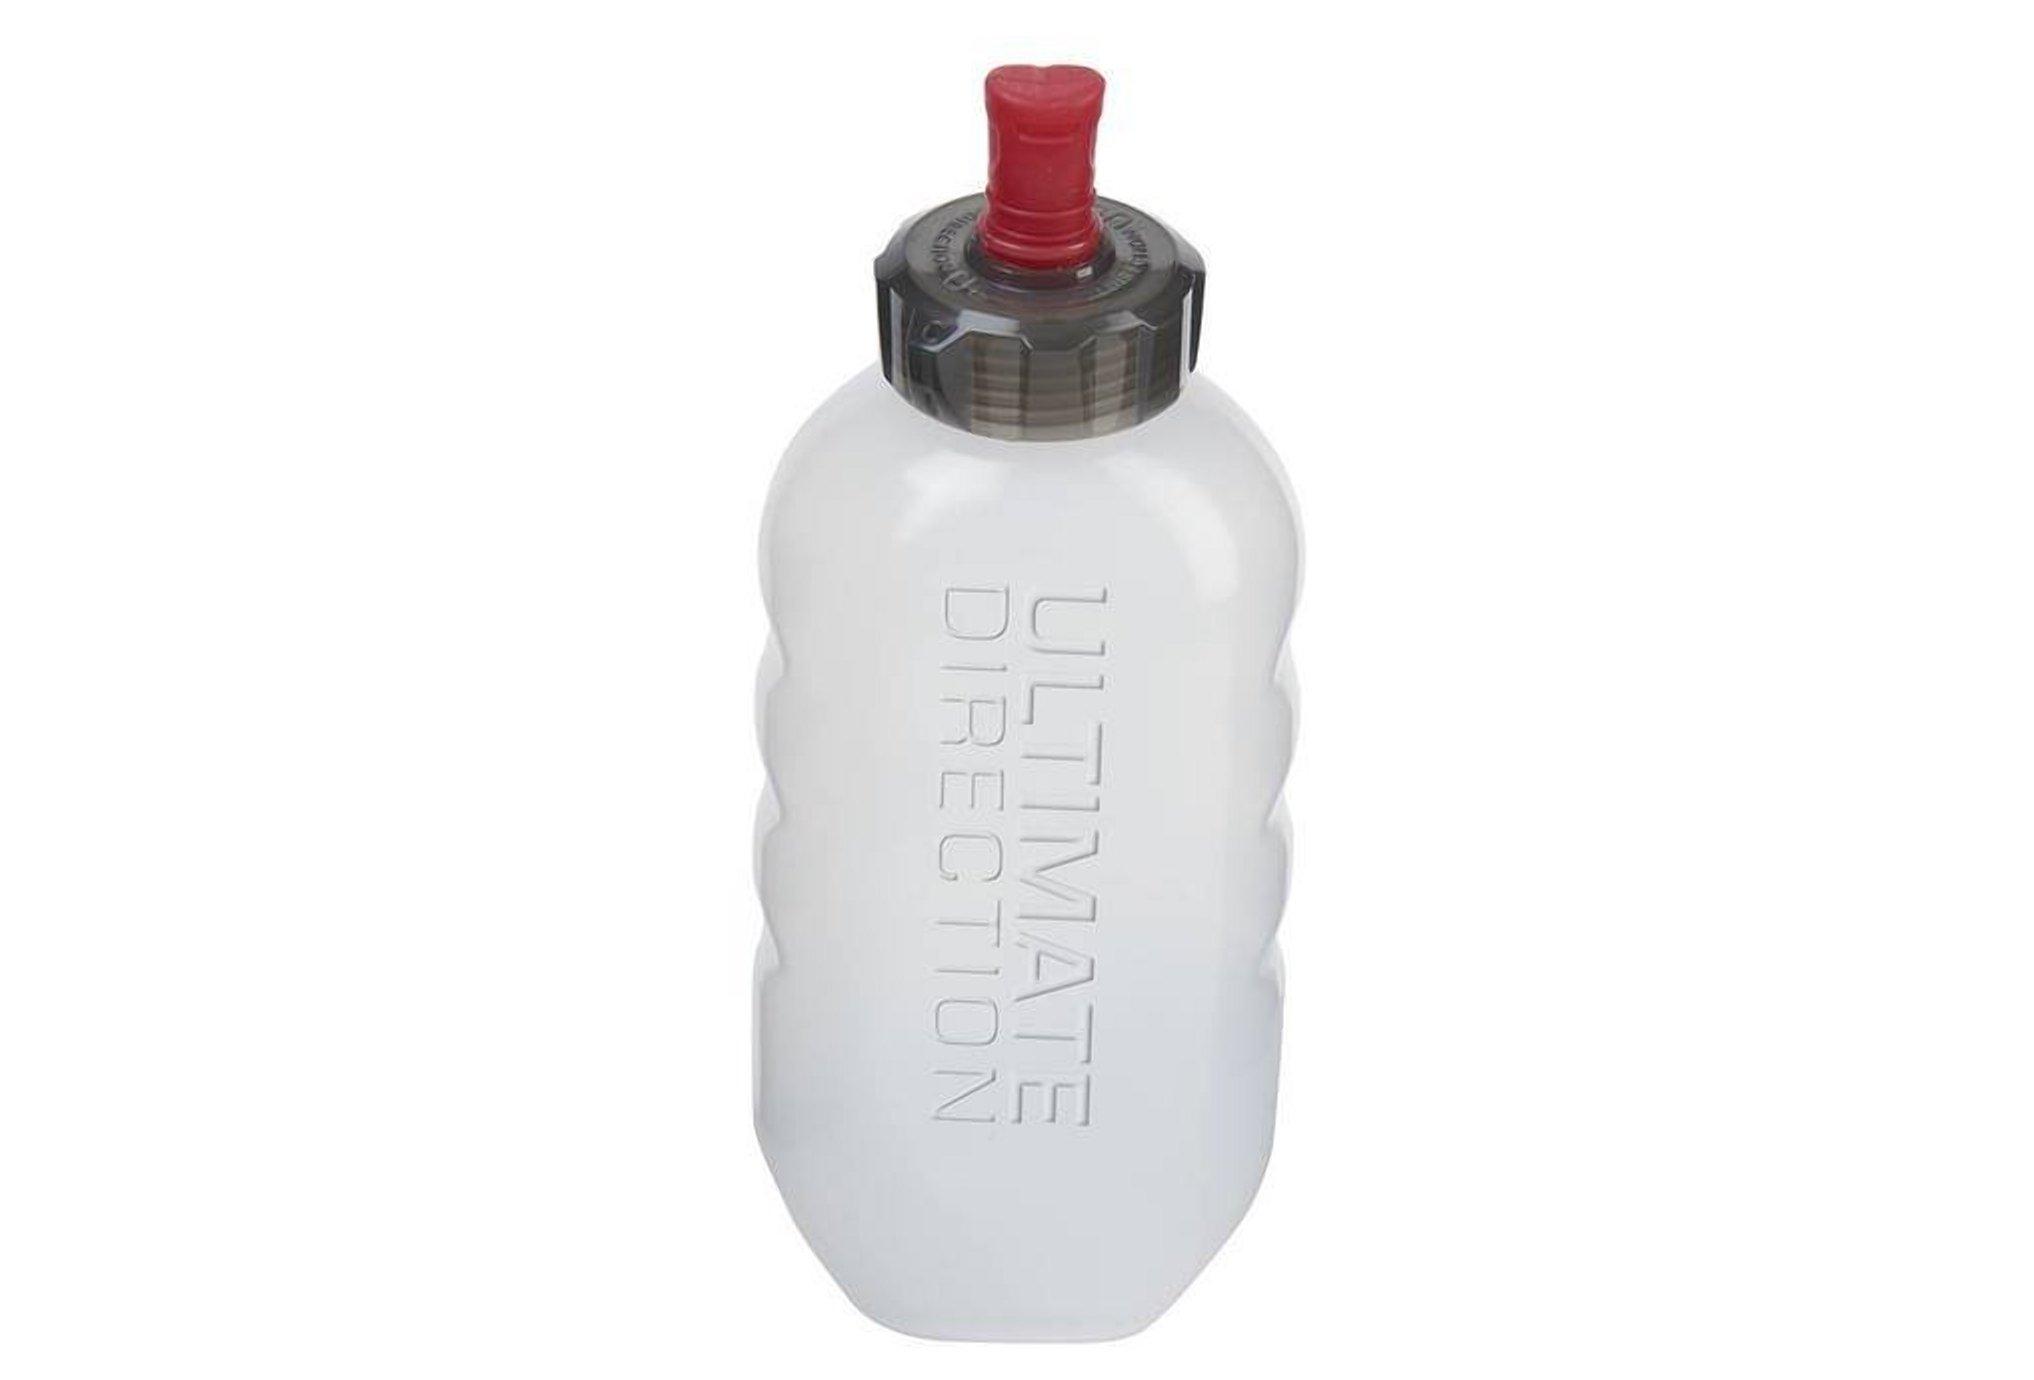 Ultimate Direction Flex Form 600 Sac hydratation / Gourde